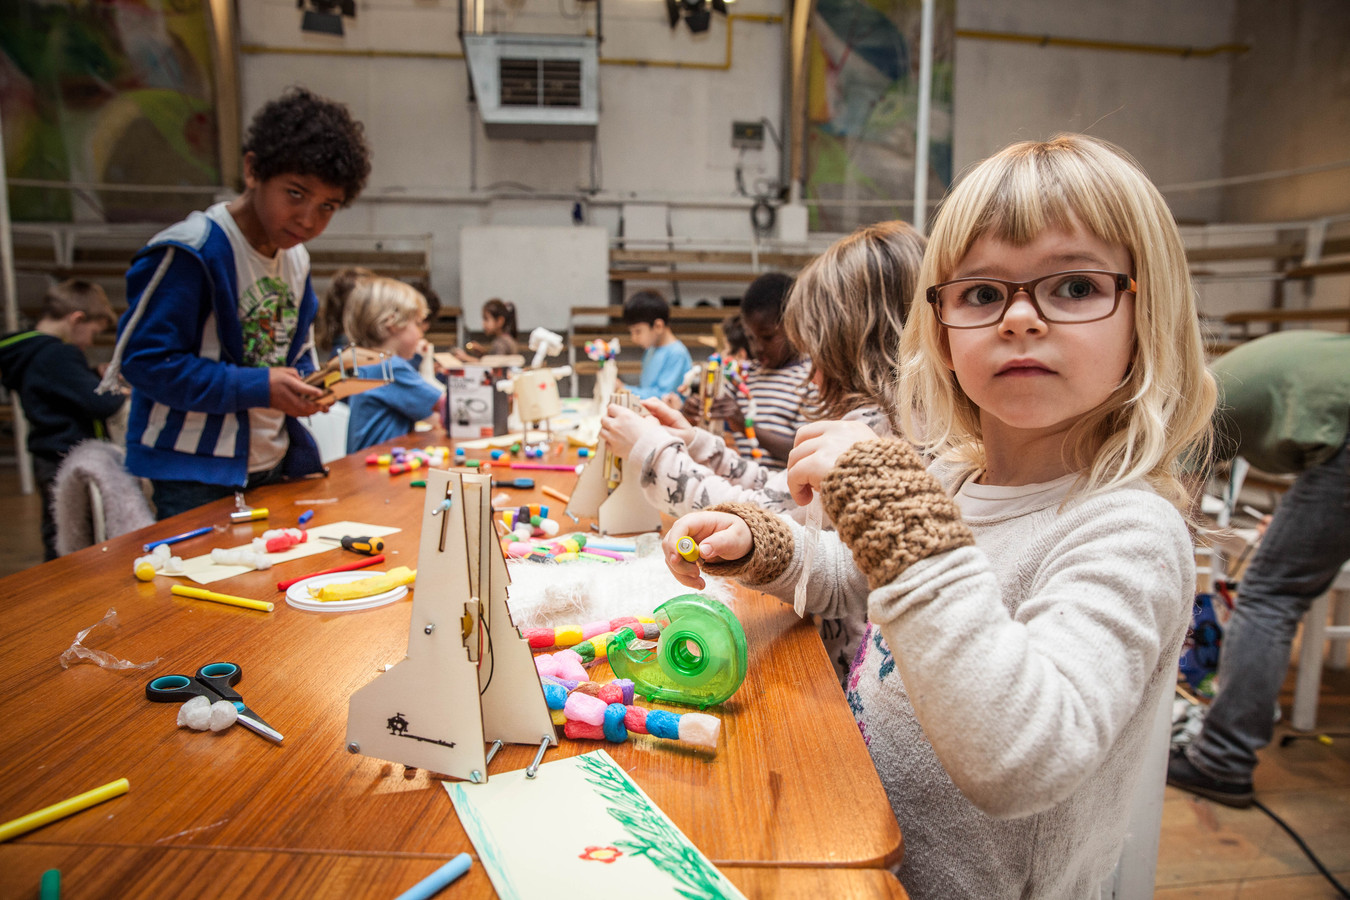 Archiefbeeld uit Theater Tinnenpot. Tussen de voorstellingen door zullen de kinderen ook workshops kunnen volgen.